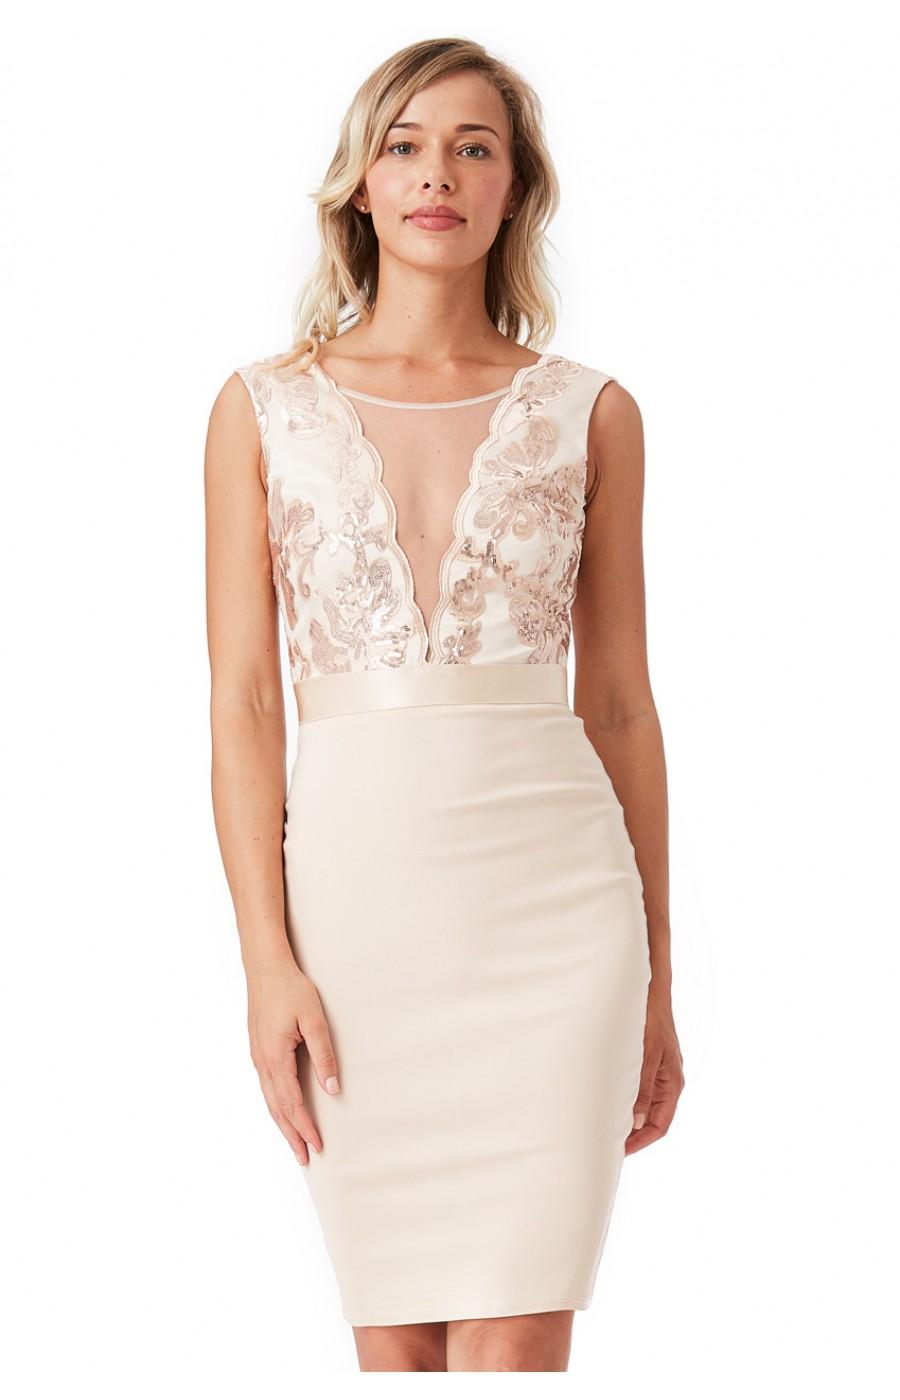 Μπεζ μίντι επίσημο φόρεμα